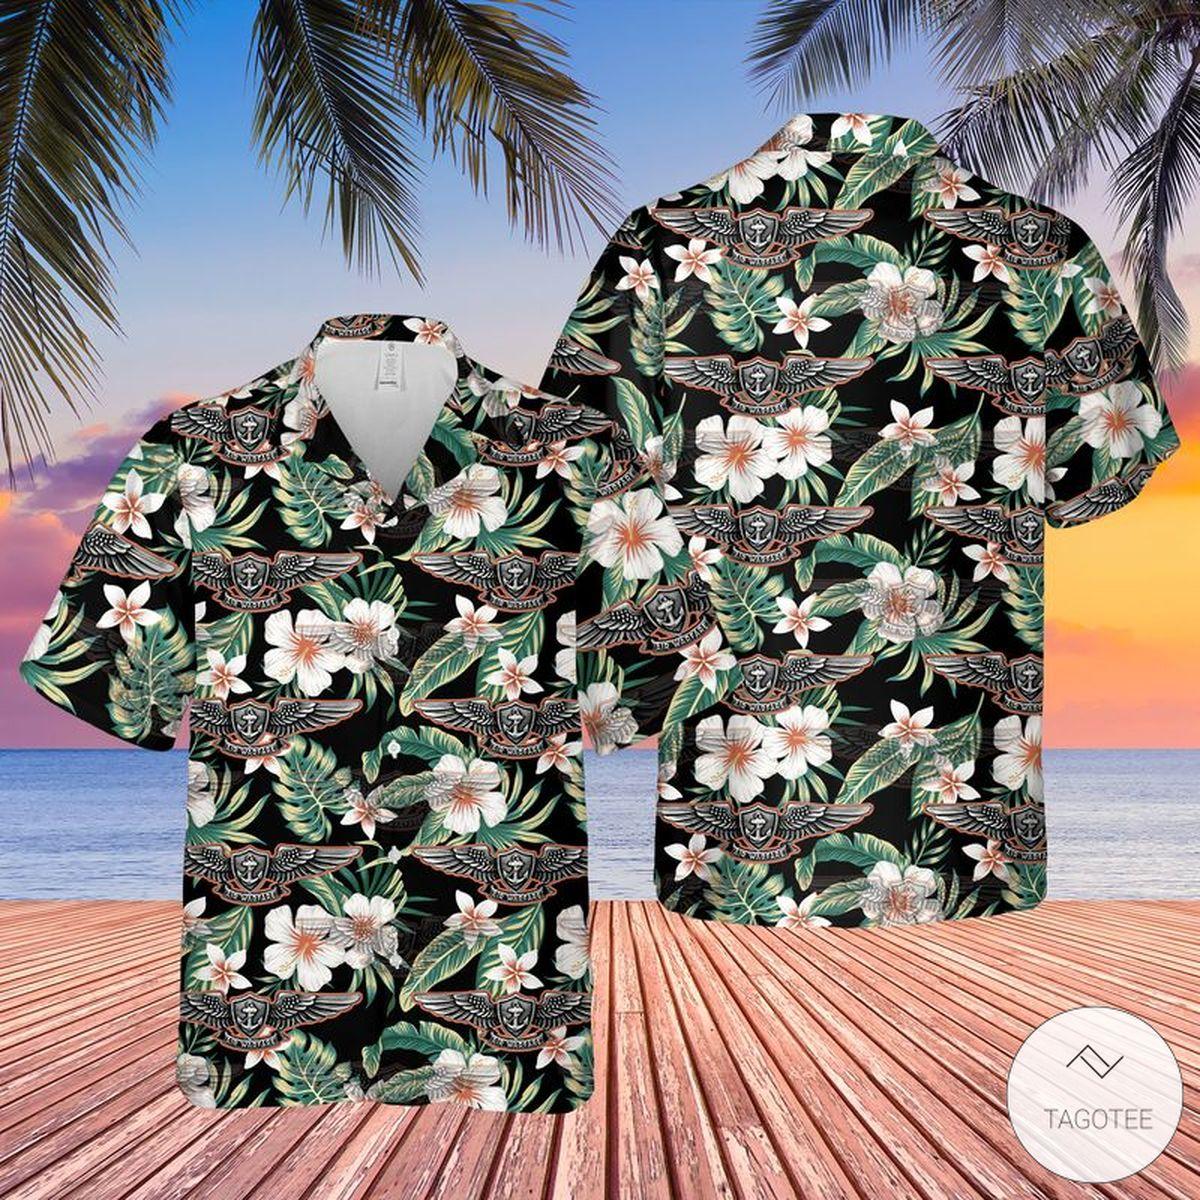 US Navy Enlisted Aviation Warfare Specialist Hawaiian Shirt, Beach Shorts